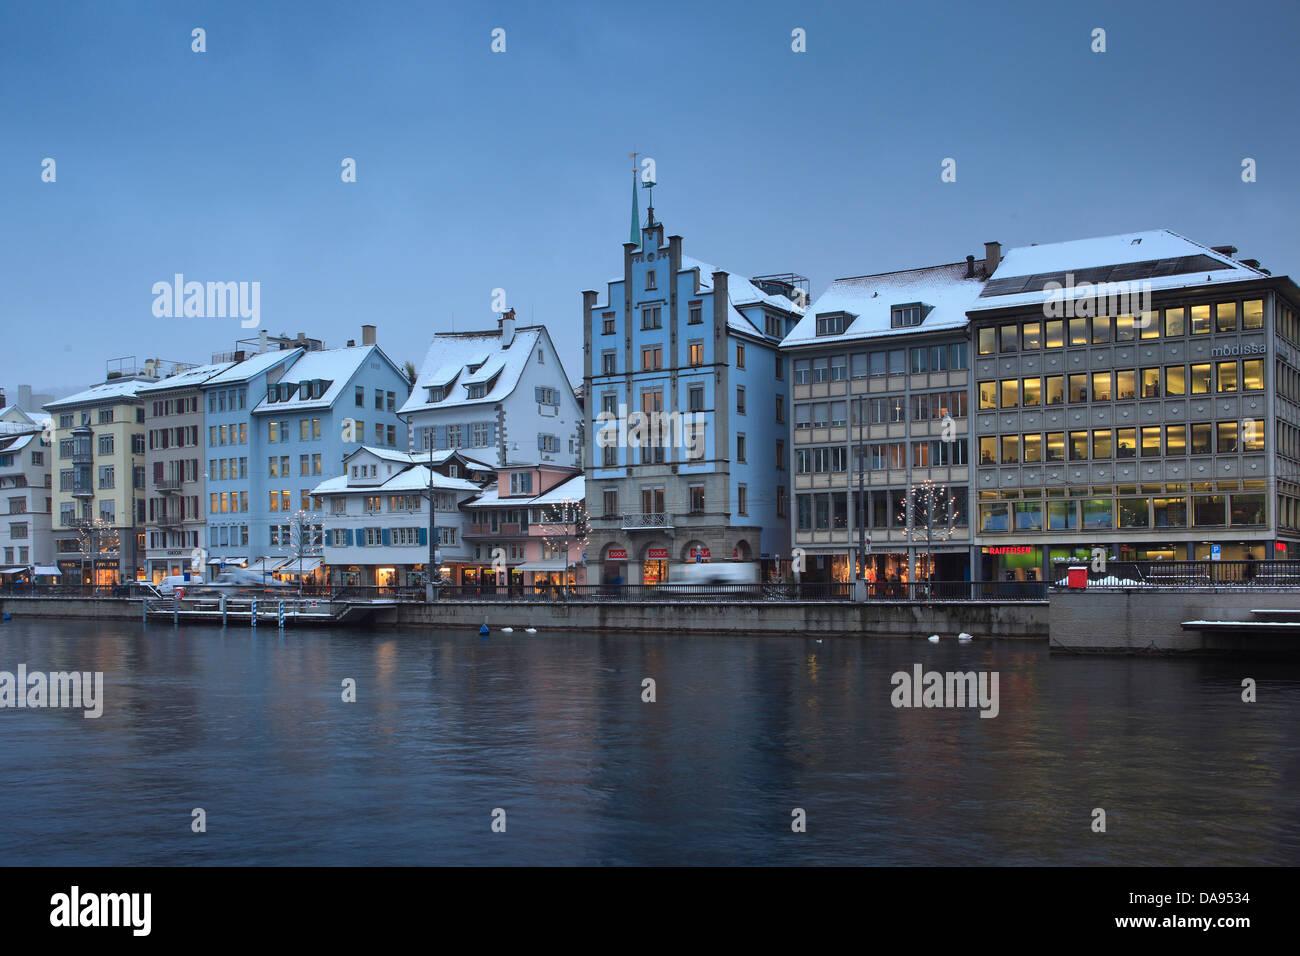 Advent, Beleuchtung, Beleuchtung, Adventszeit, Altstadt, Stadt, Sonnenuntergang, Dämmerung, Kirche, Lichter, Stockbild